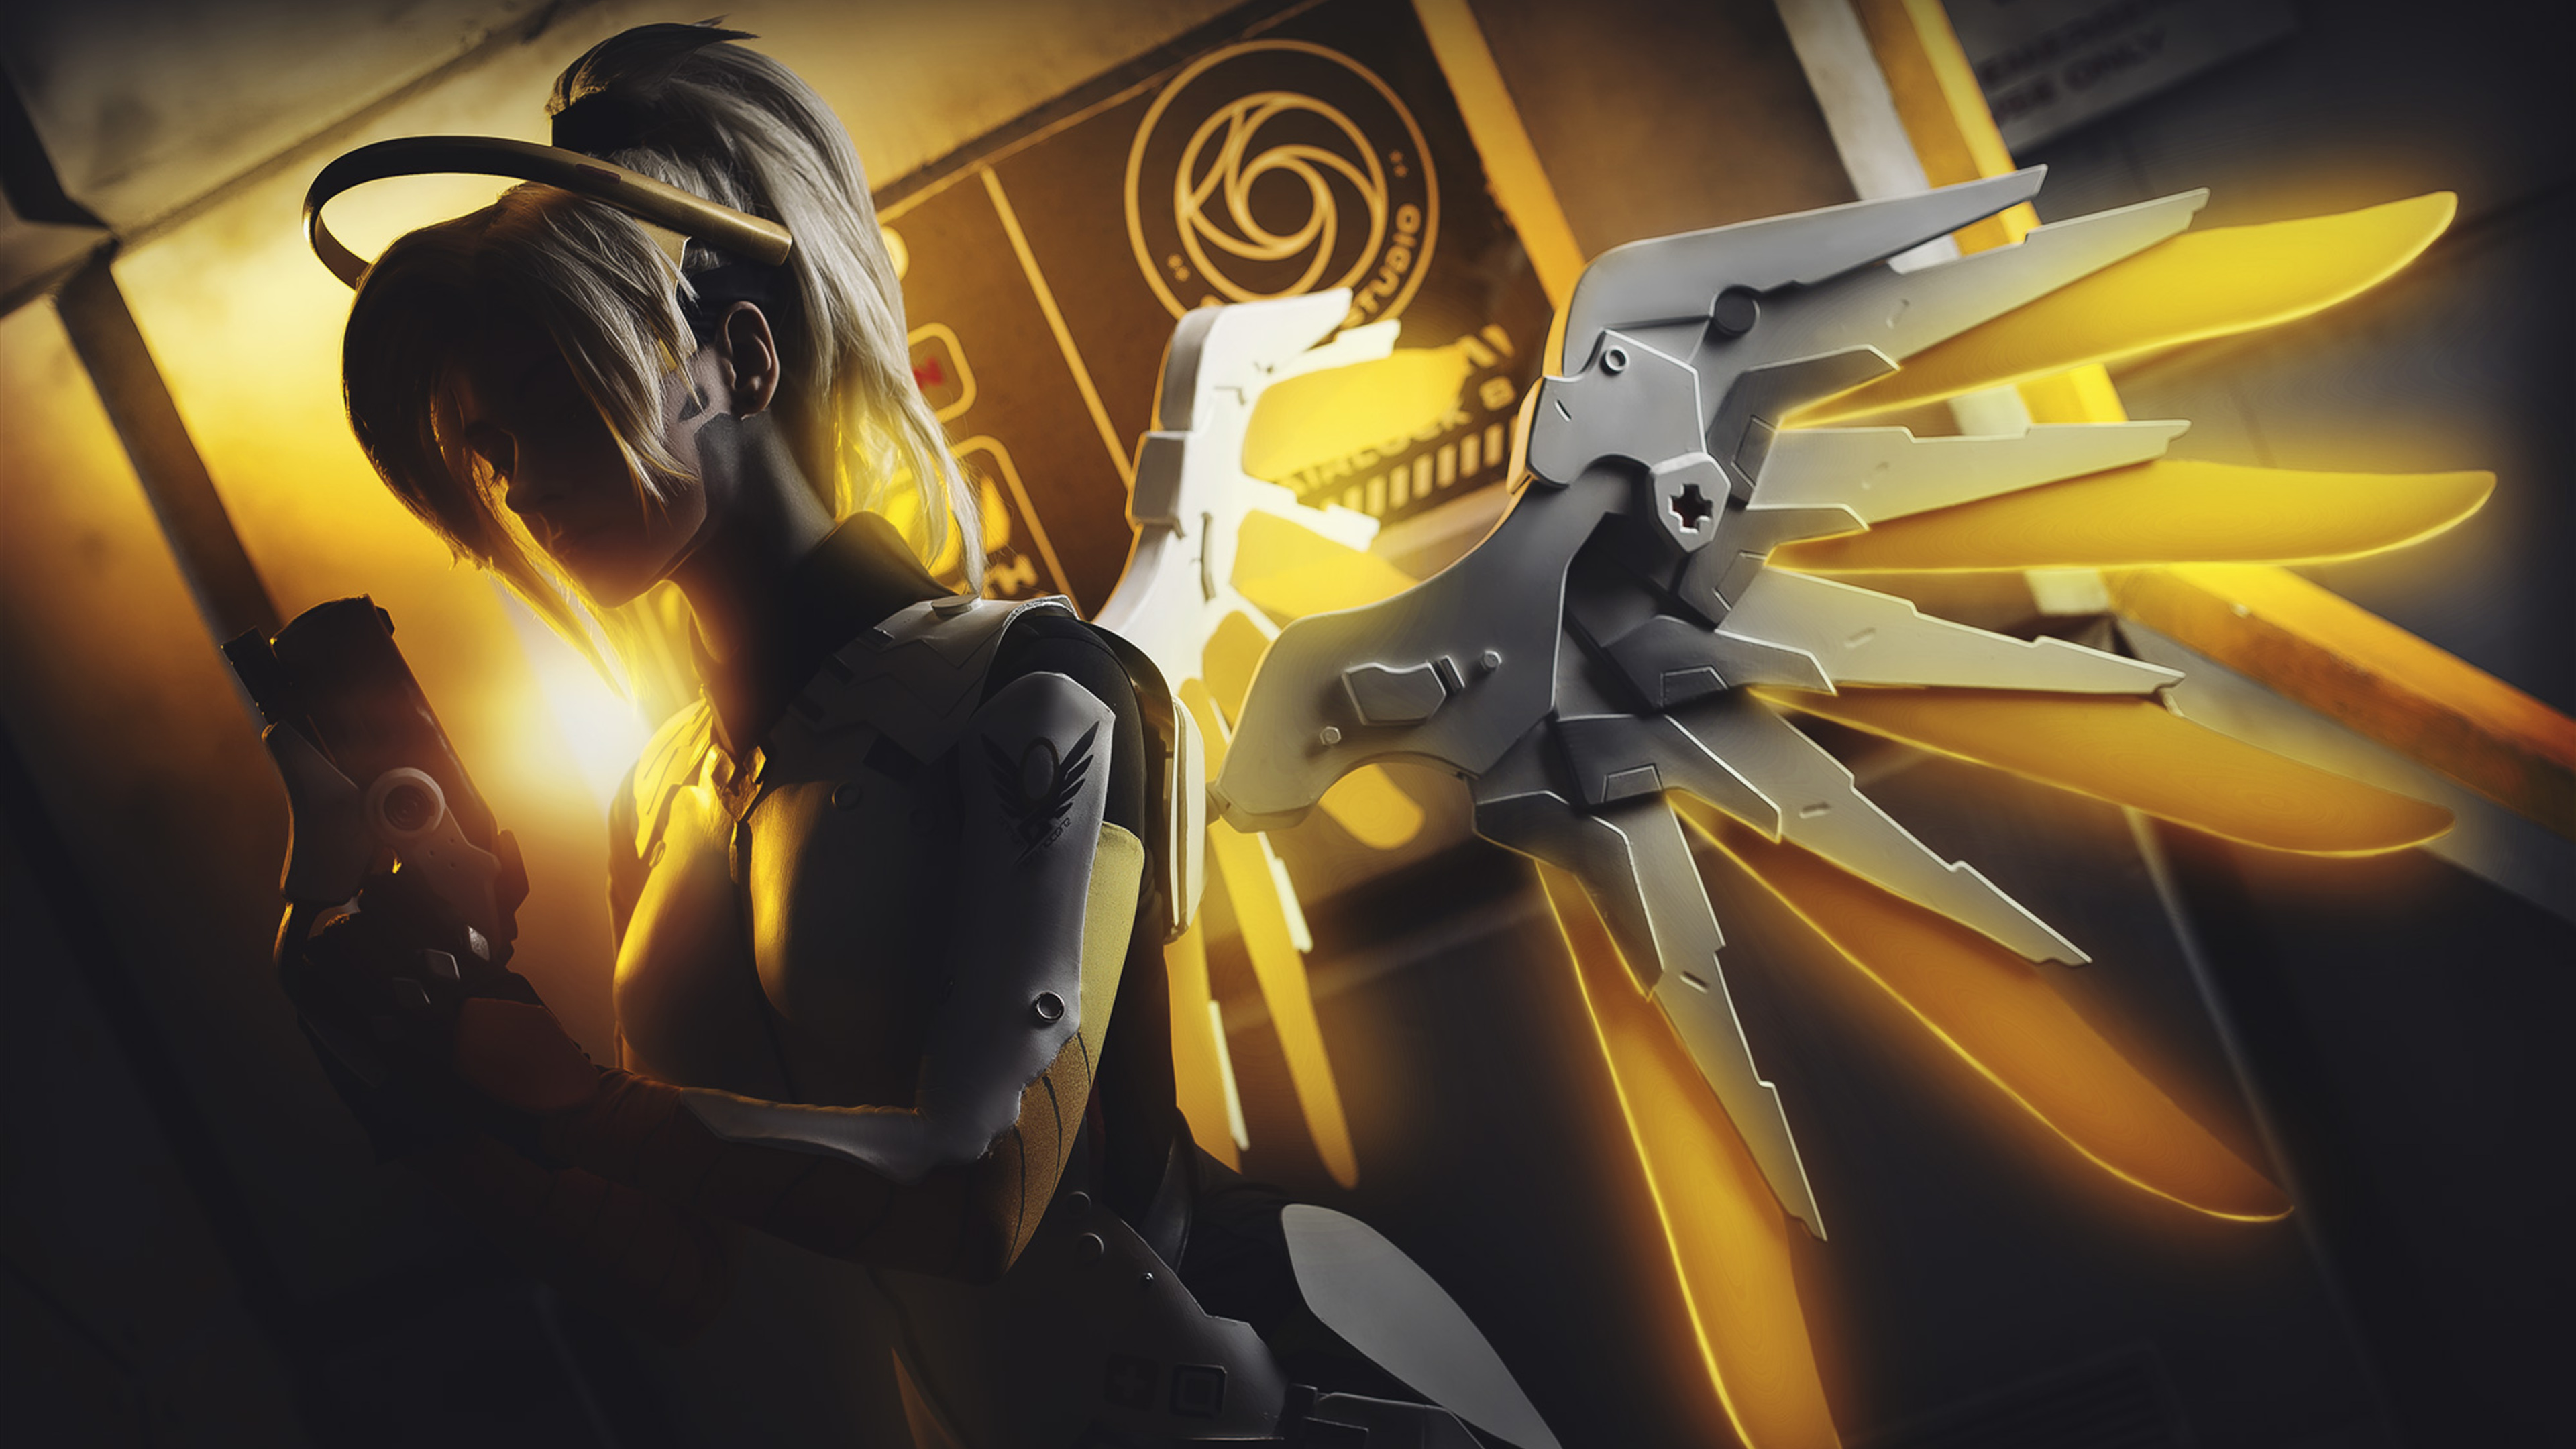 3840x2160 Overwatch Mercy Artwork 4k HD 4k Wallpapers ...